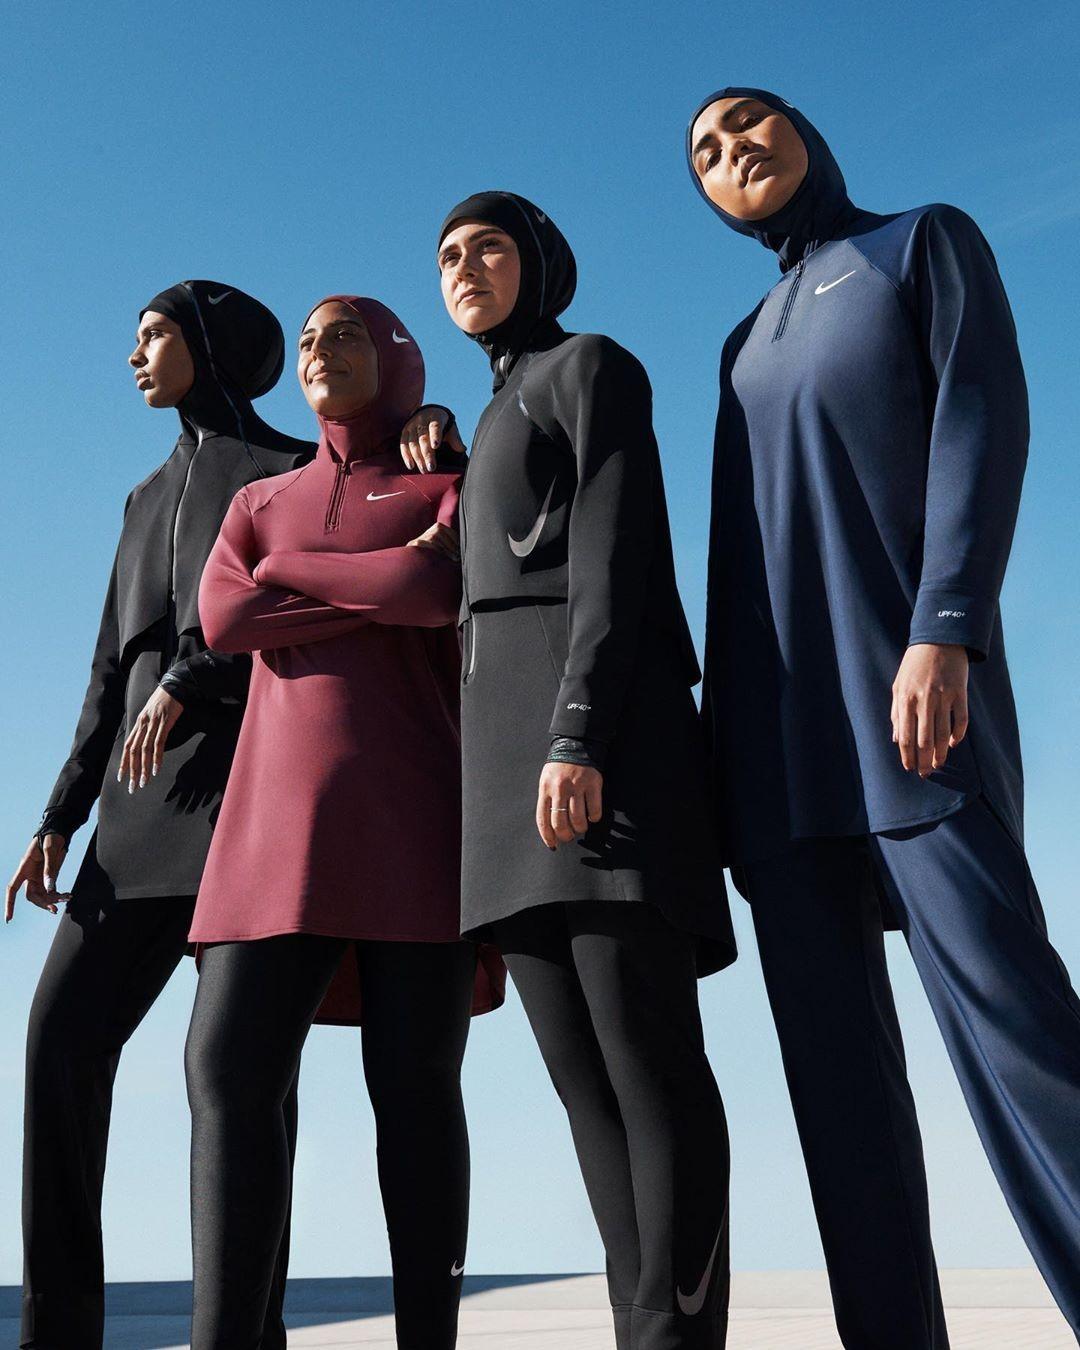 Для мусульманок: Nike выпускает коллекцию купальников-хиджабов, полностью покрывающих тело - фото №1